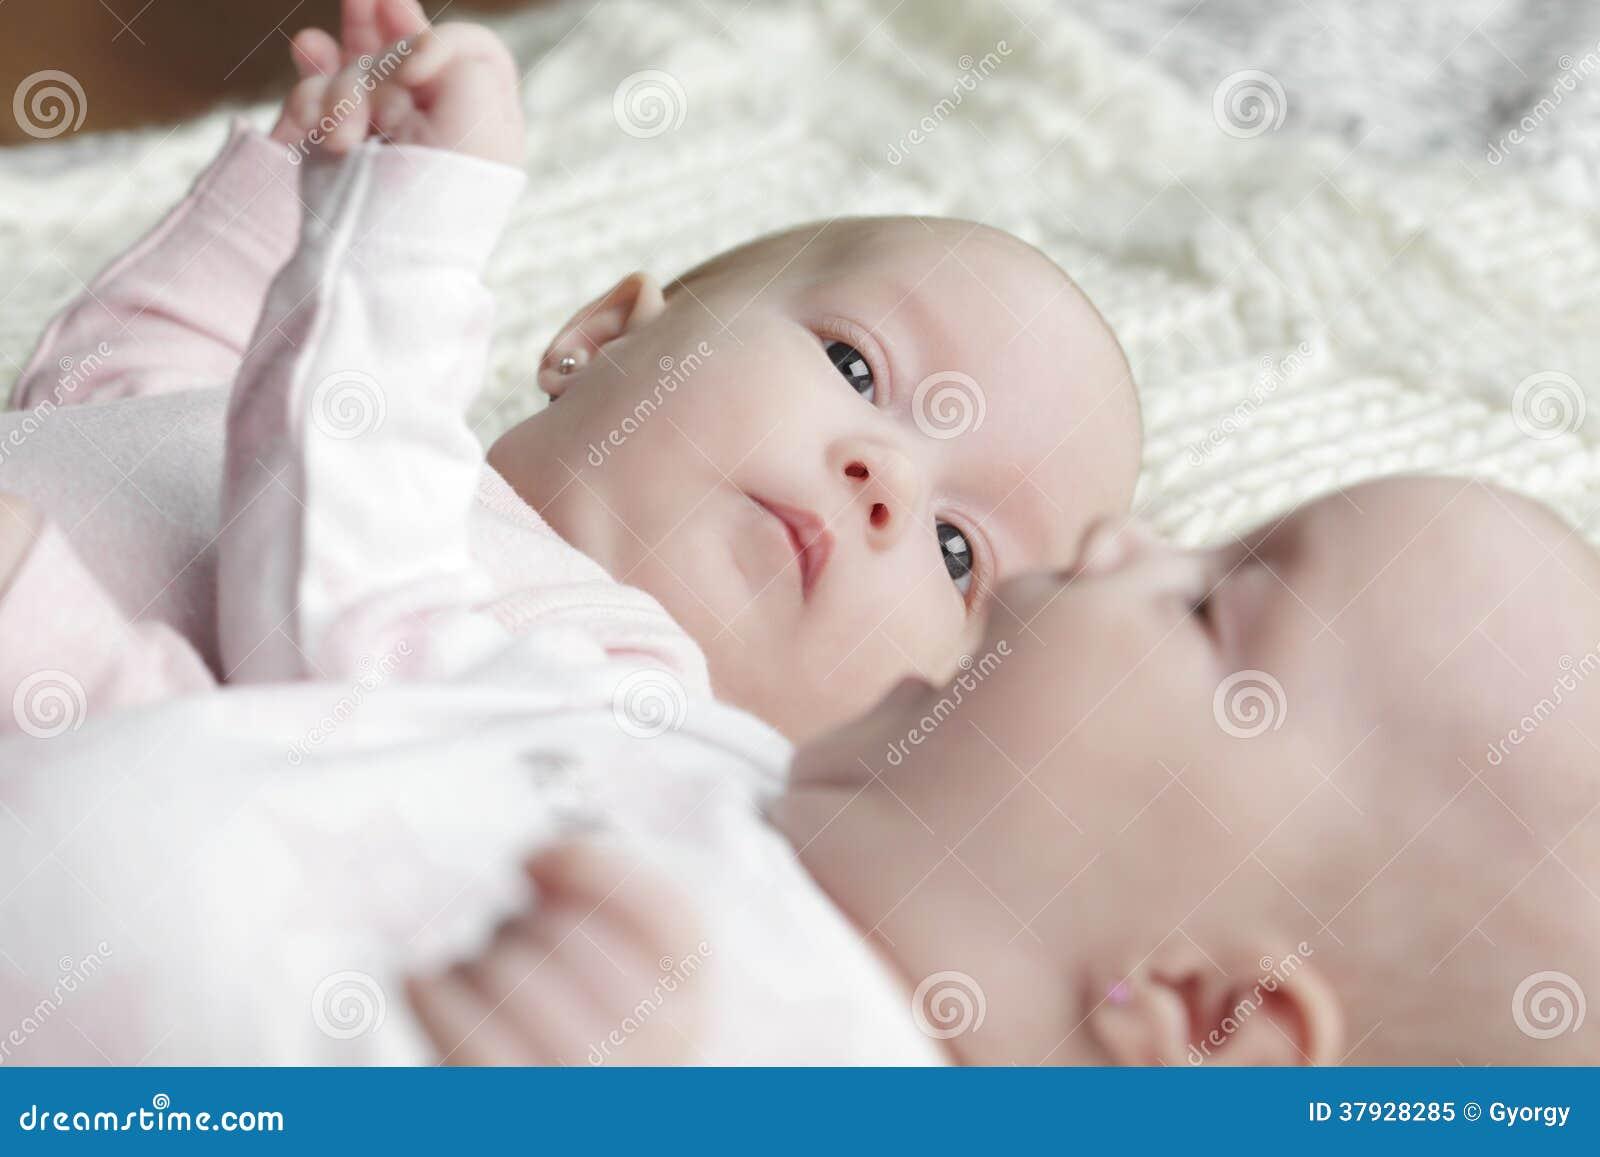 Tweelingbabymeisjes